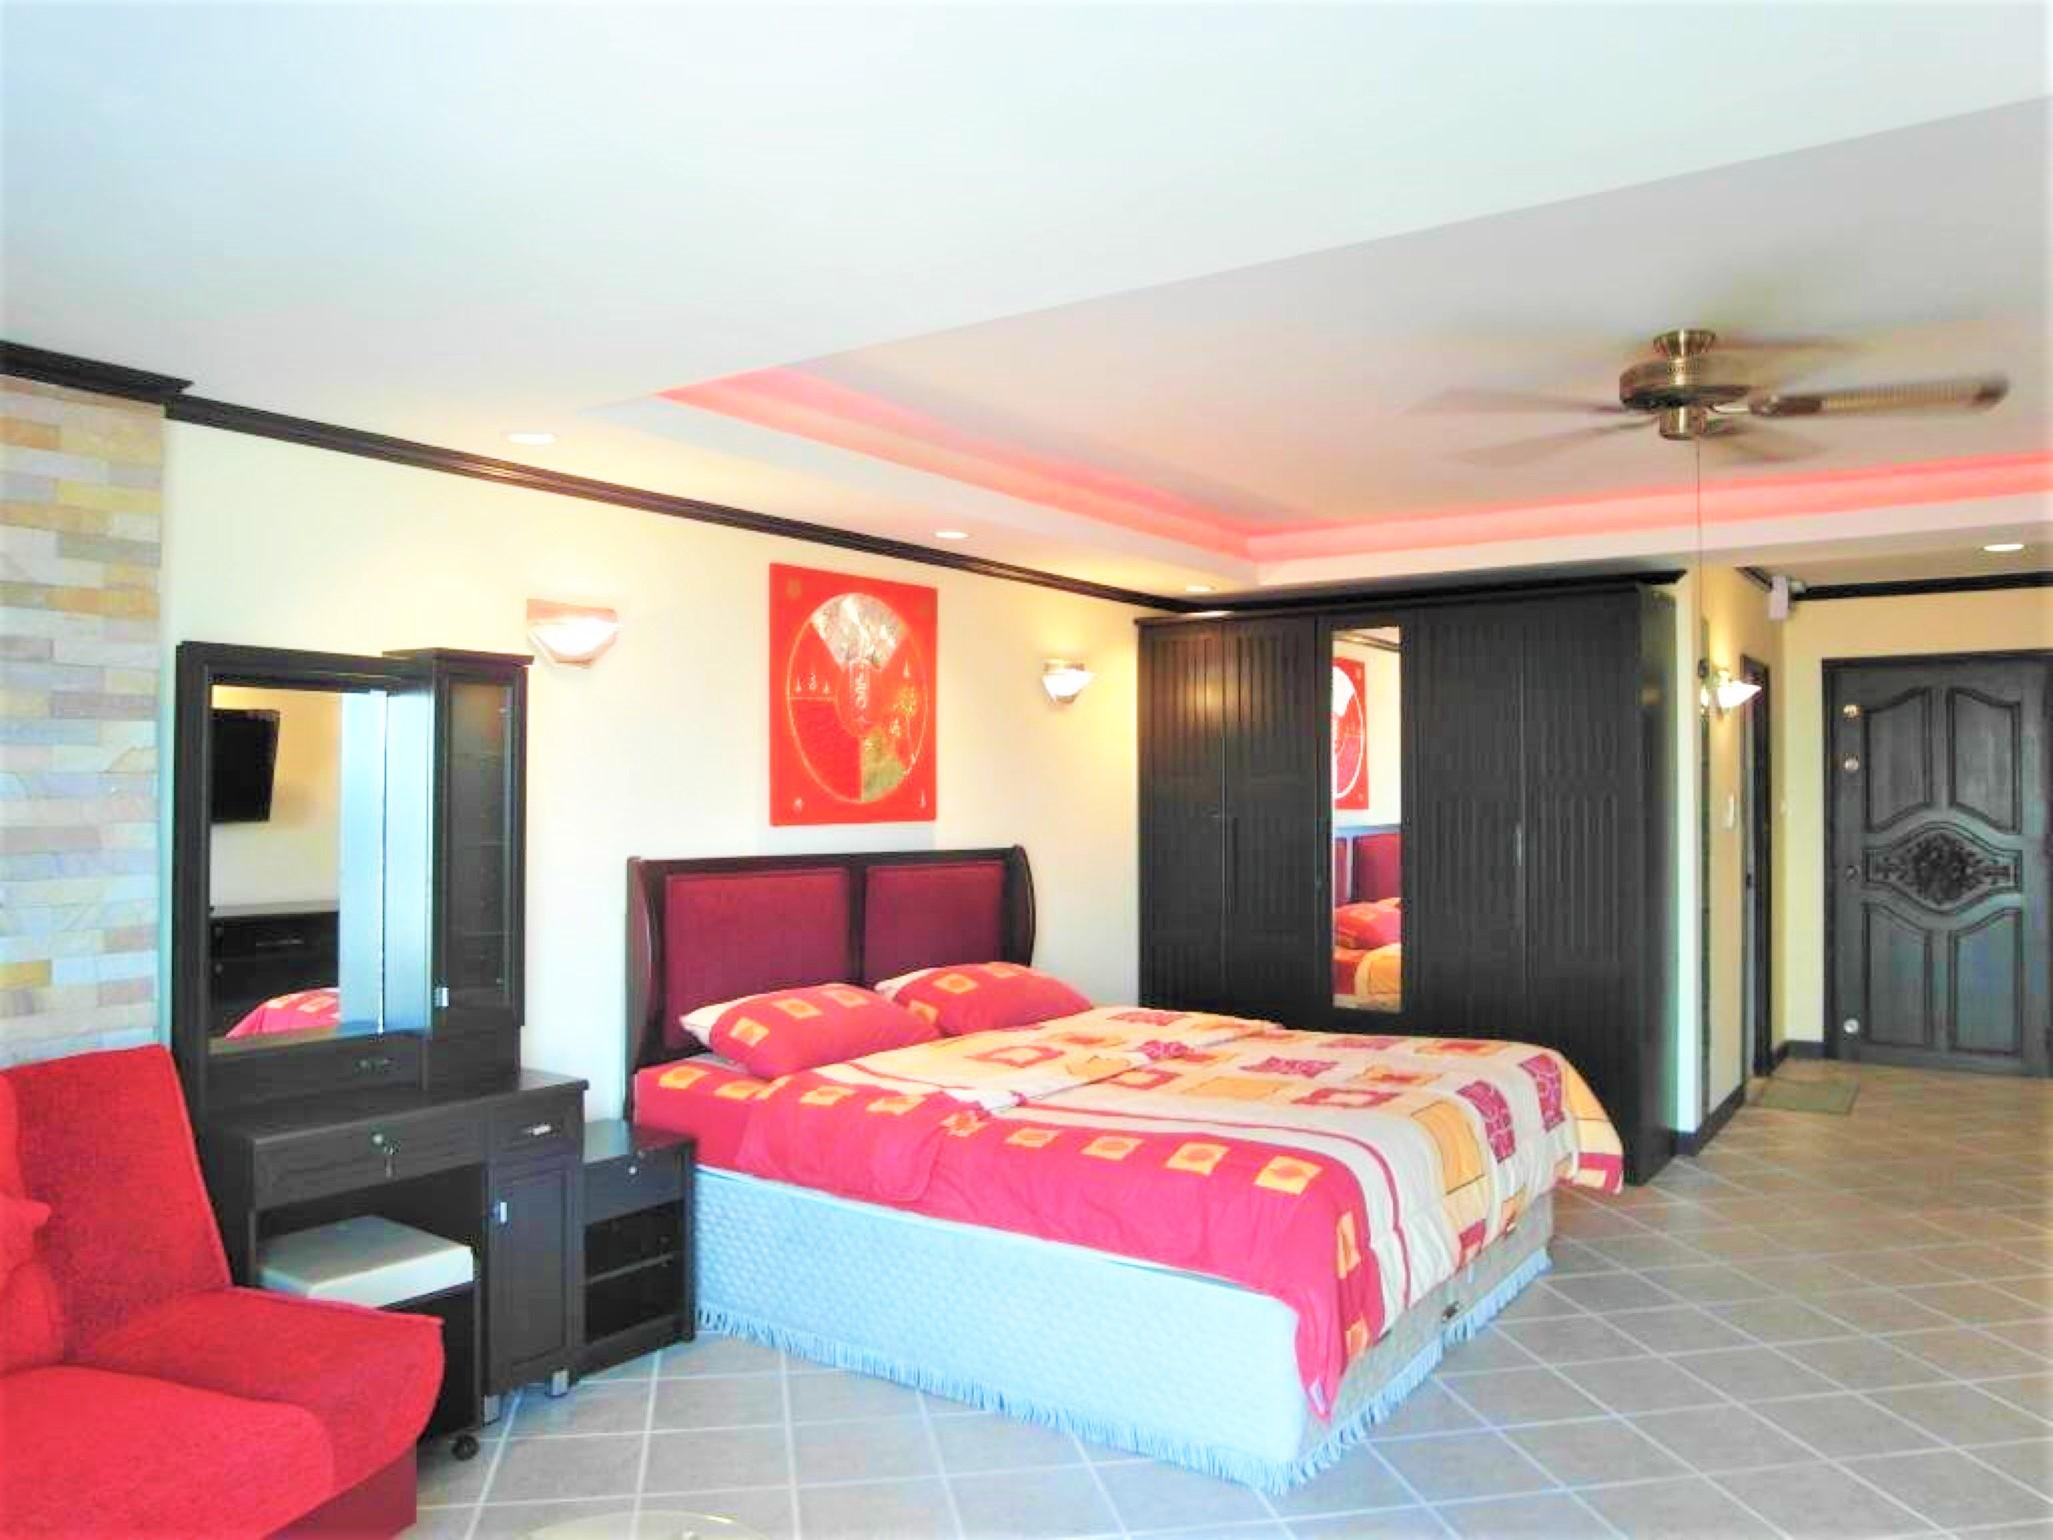 View Talay 2A Studio-Apartment im 5 Stock mit Kche im europischen Stil